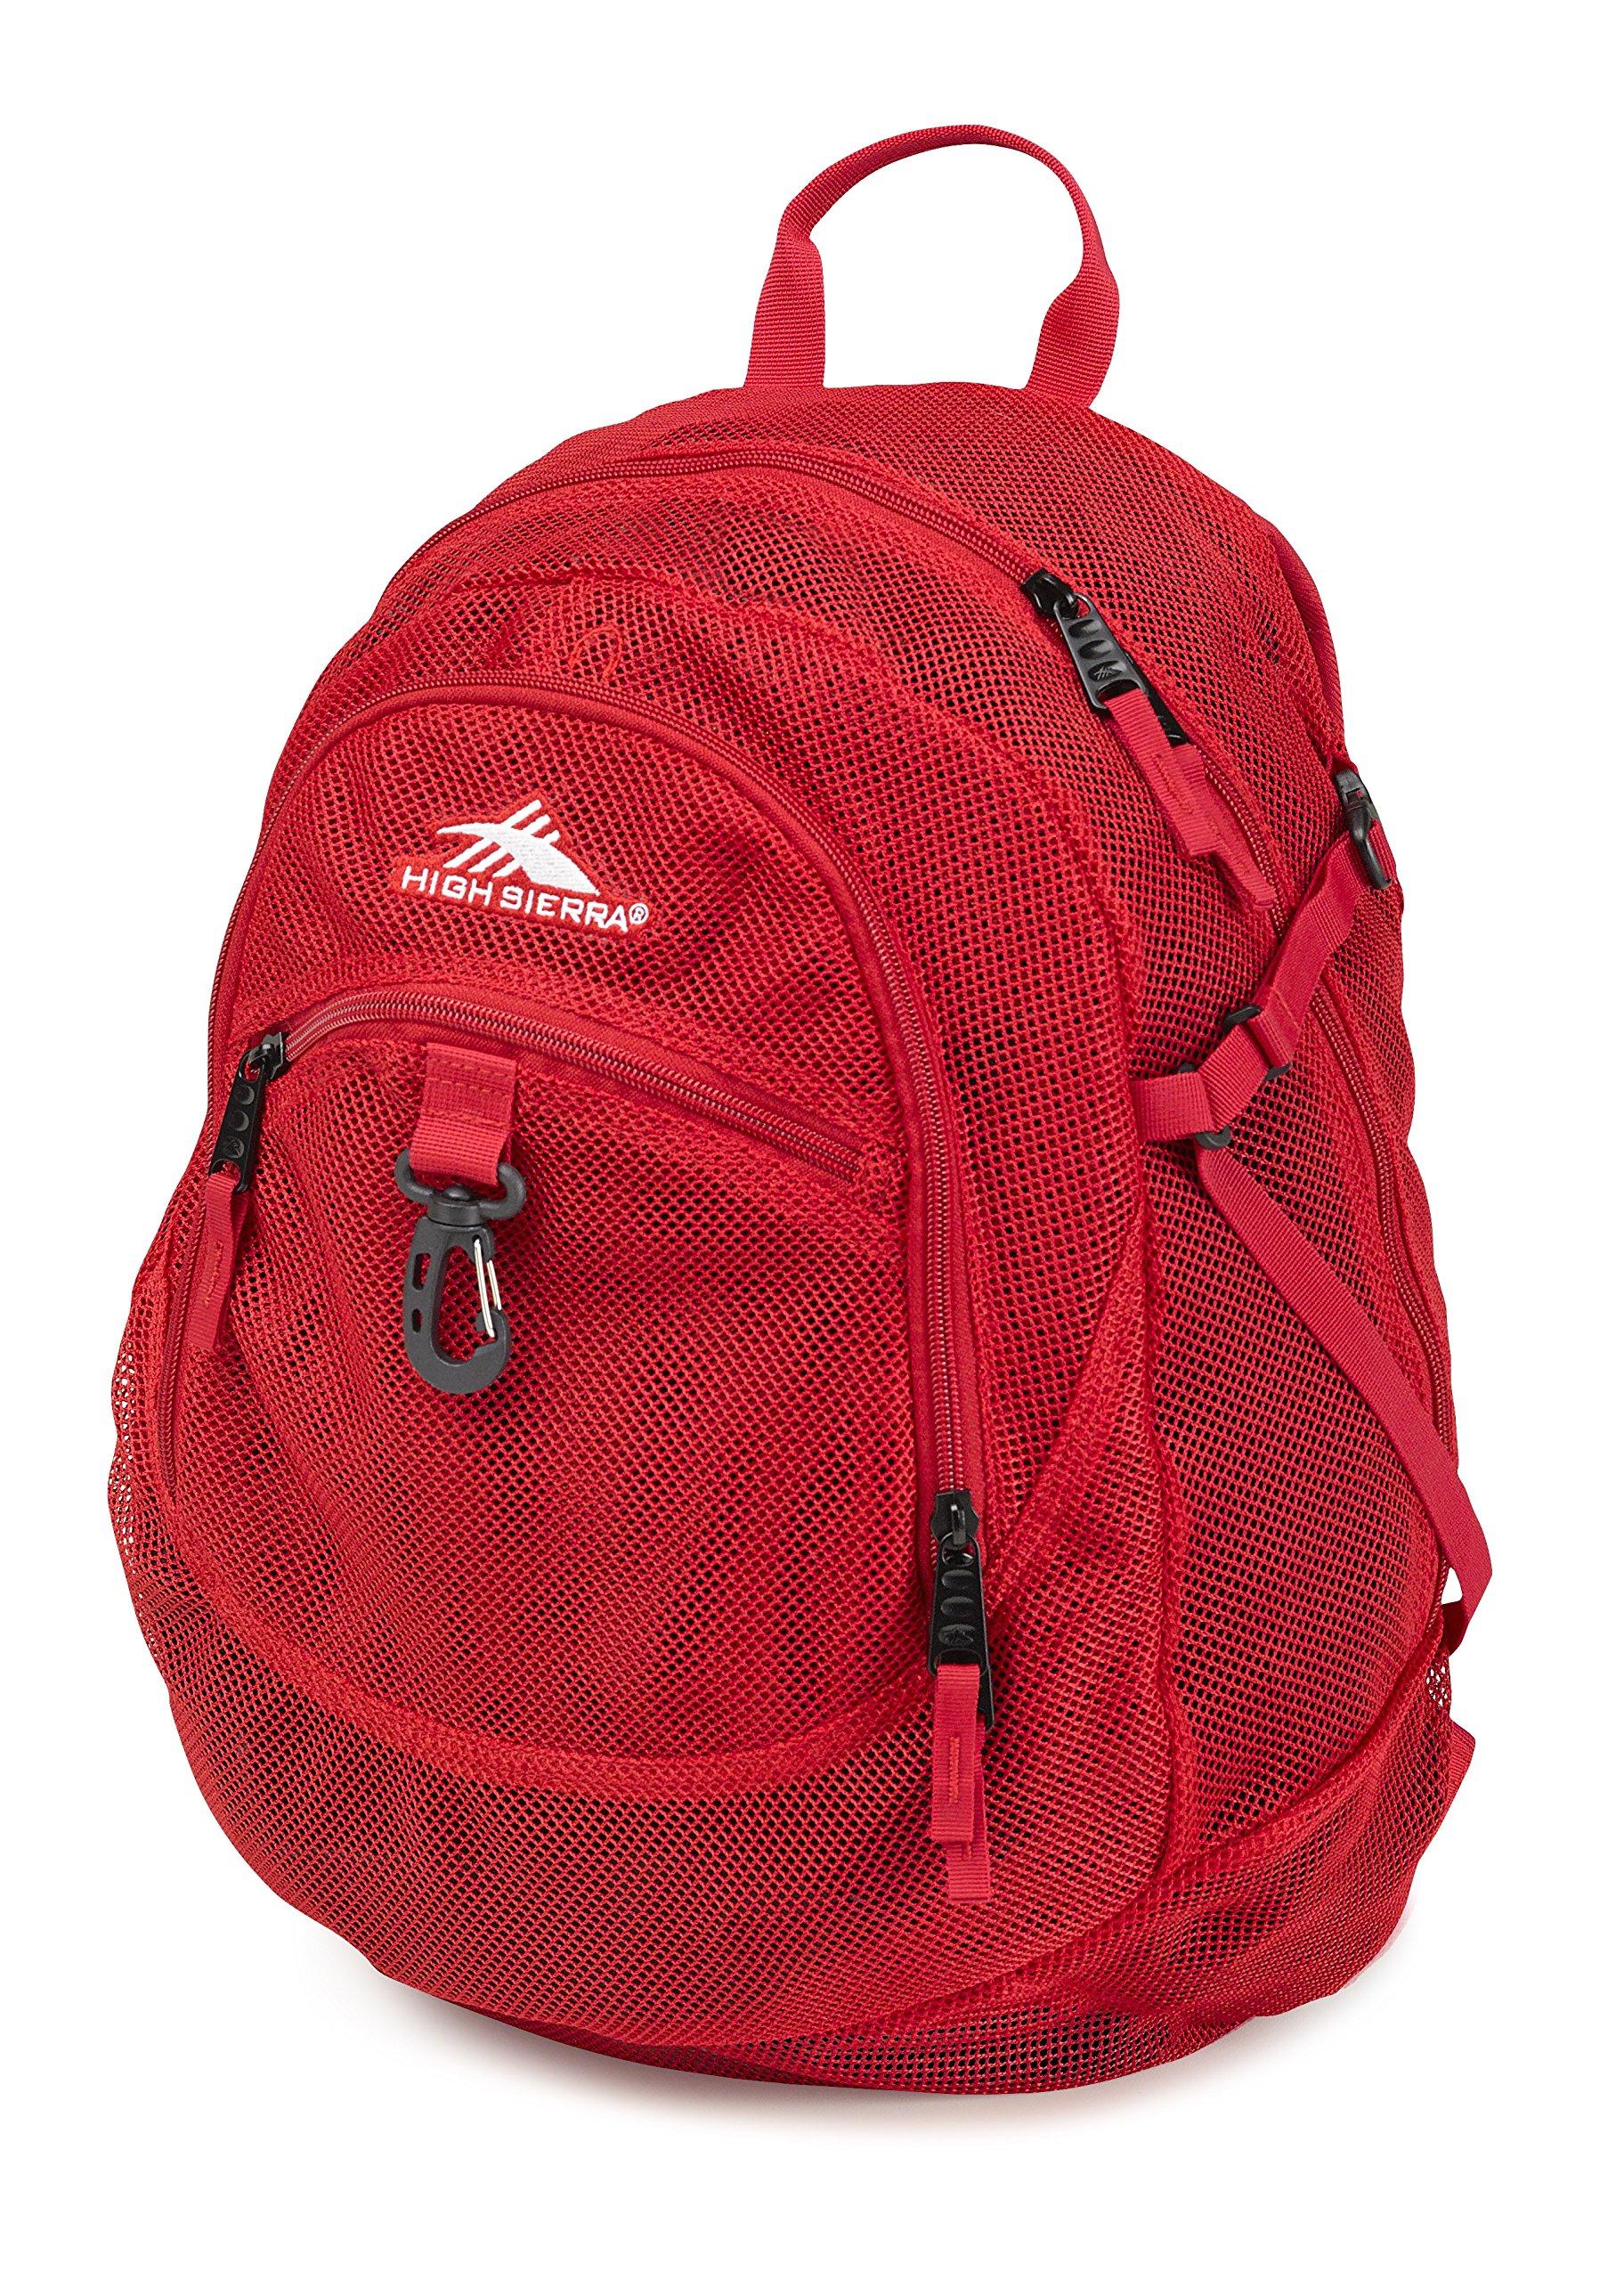 High Sierra Airhead Mesh Backpack, Crimson by High Sierra